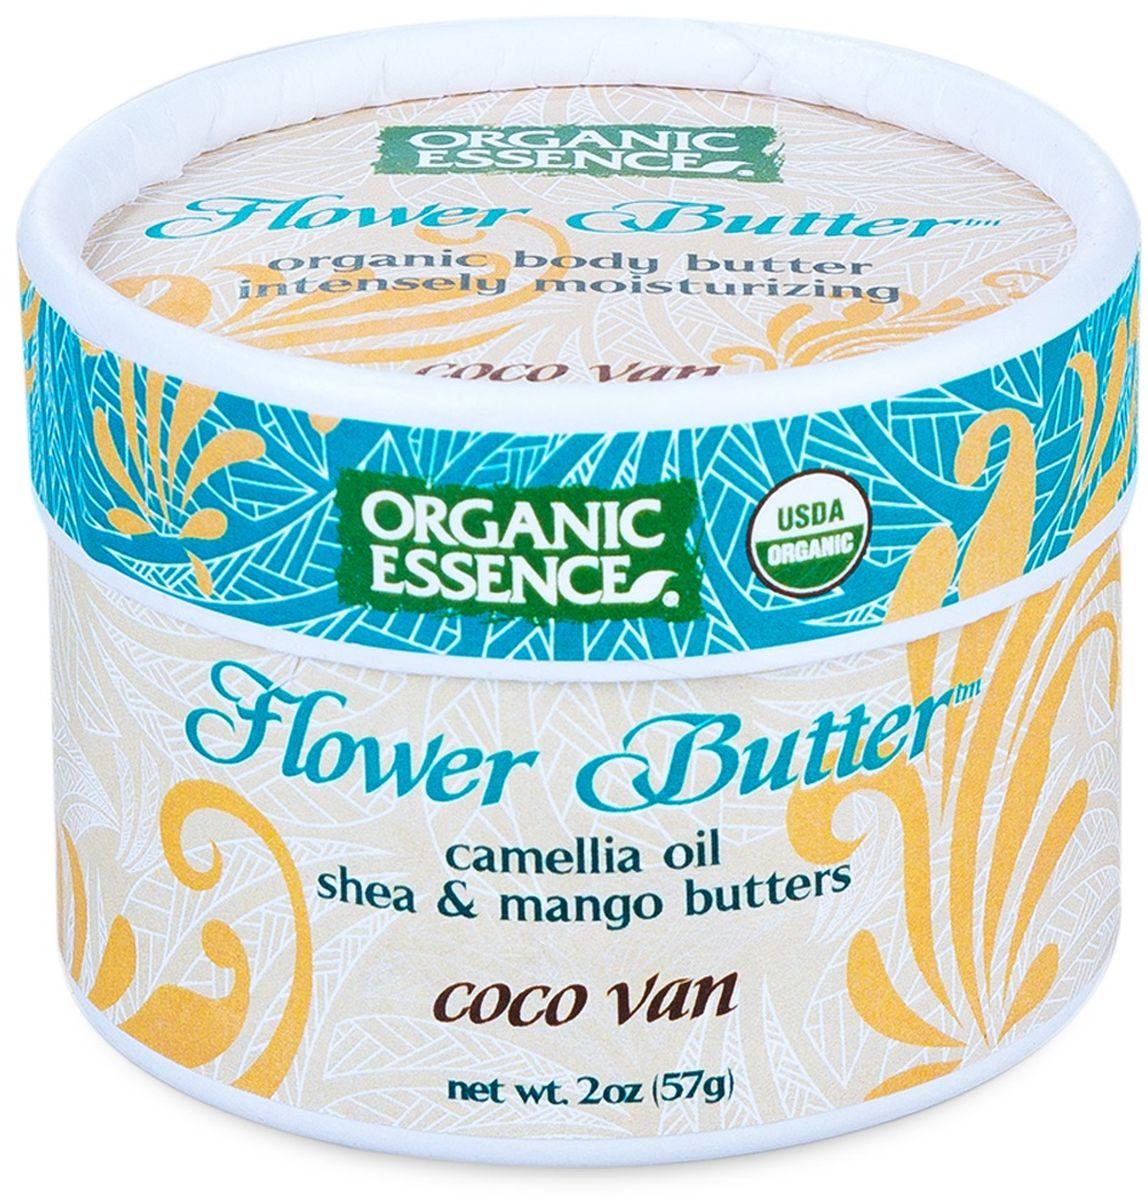 Organic Essence Органический цветочный крем Кокос-Ваниль, 57 грFOCOCДля ежедневного увлажнения. Питательные растительные масла в сочетании с мощными эфирными маслами содержат мощные антиоксиданты, витамины, минералы и незаменимые жирные кислоты, которые делают Органический цветочный крем очень полезным. Масло Манго для мягкости кожи, Масло Ши для увлажнения кожи. Сочетание Масел Камелии, Бабассу и Жожоба создают смесь богатую питательными веществами, полезную для ухода за кожей. Высокое содержание витаминов и питательных веществ удовлетворяют потребность кожи в эластичности, упругости и мягкости. Легко впитывается в кожу, смягчает и предотвращает сухость.